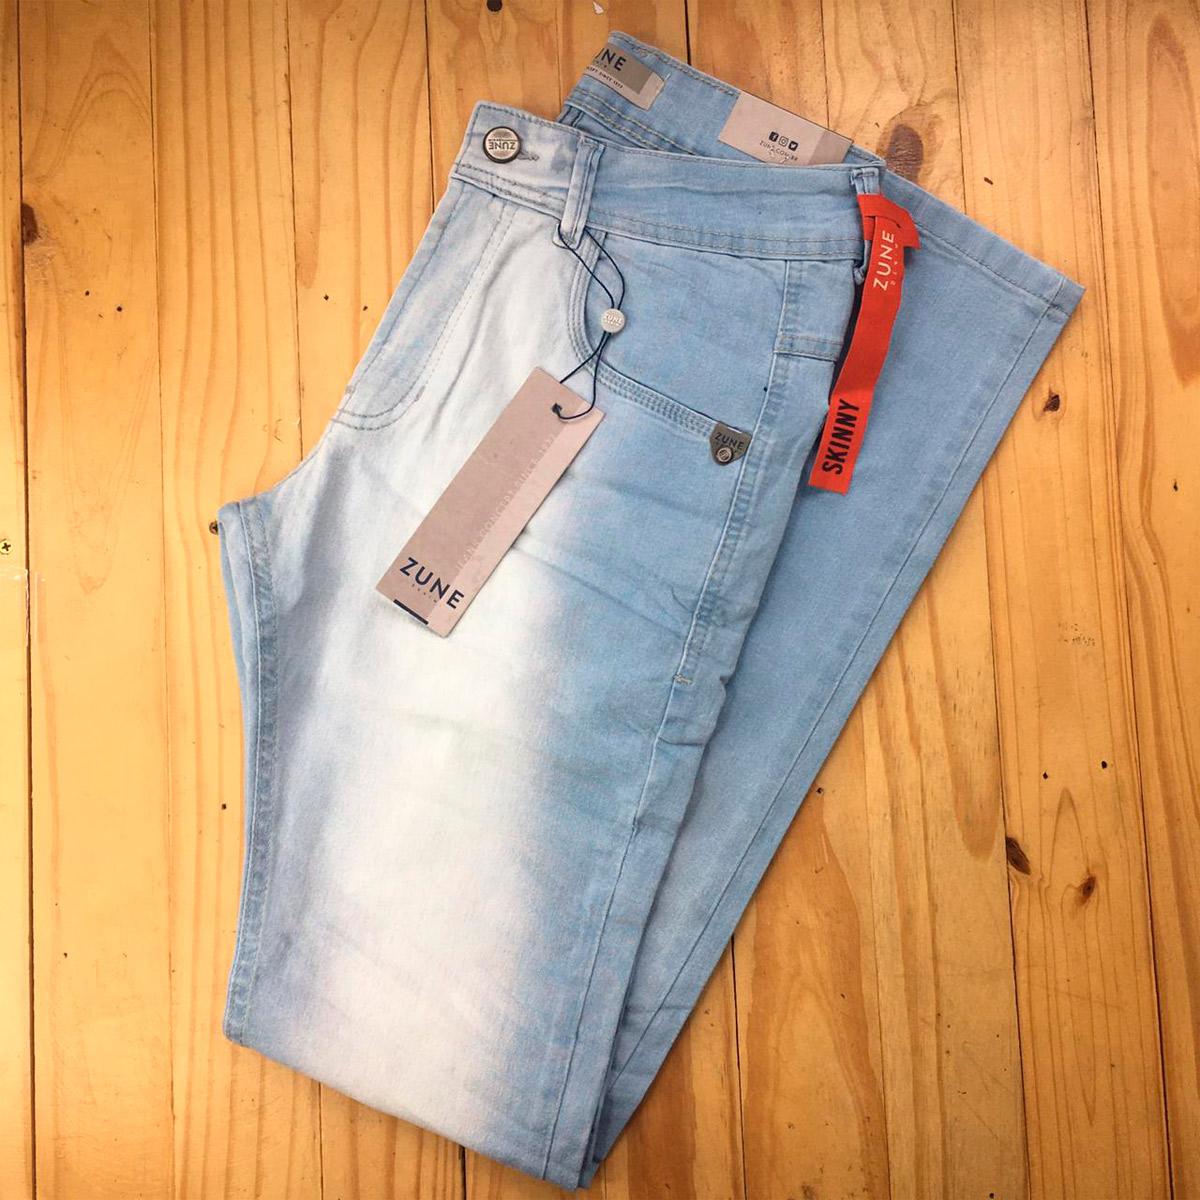 Calça Jeans Masculina Zune 36023